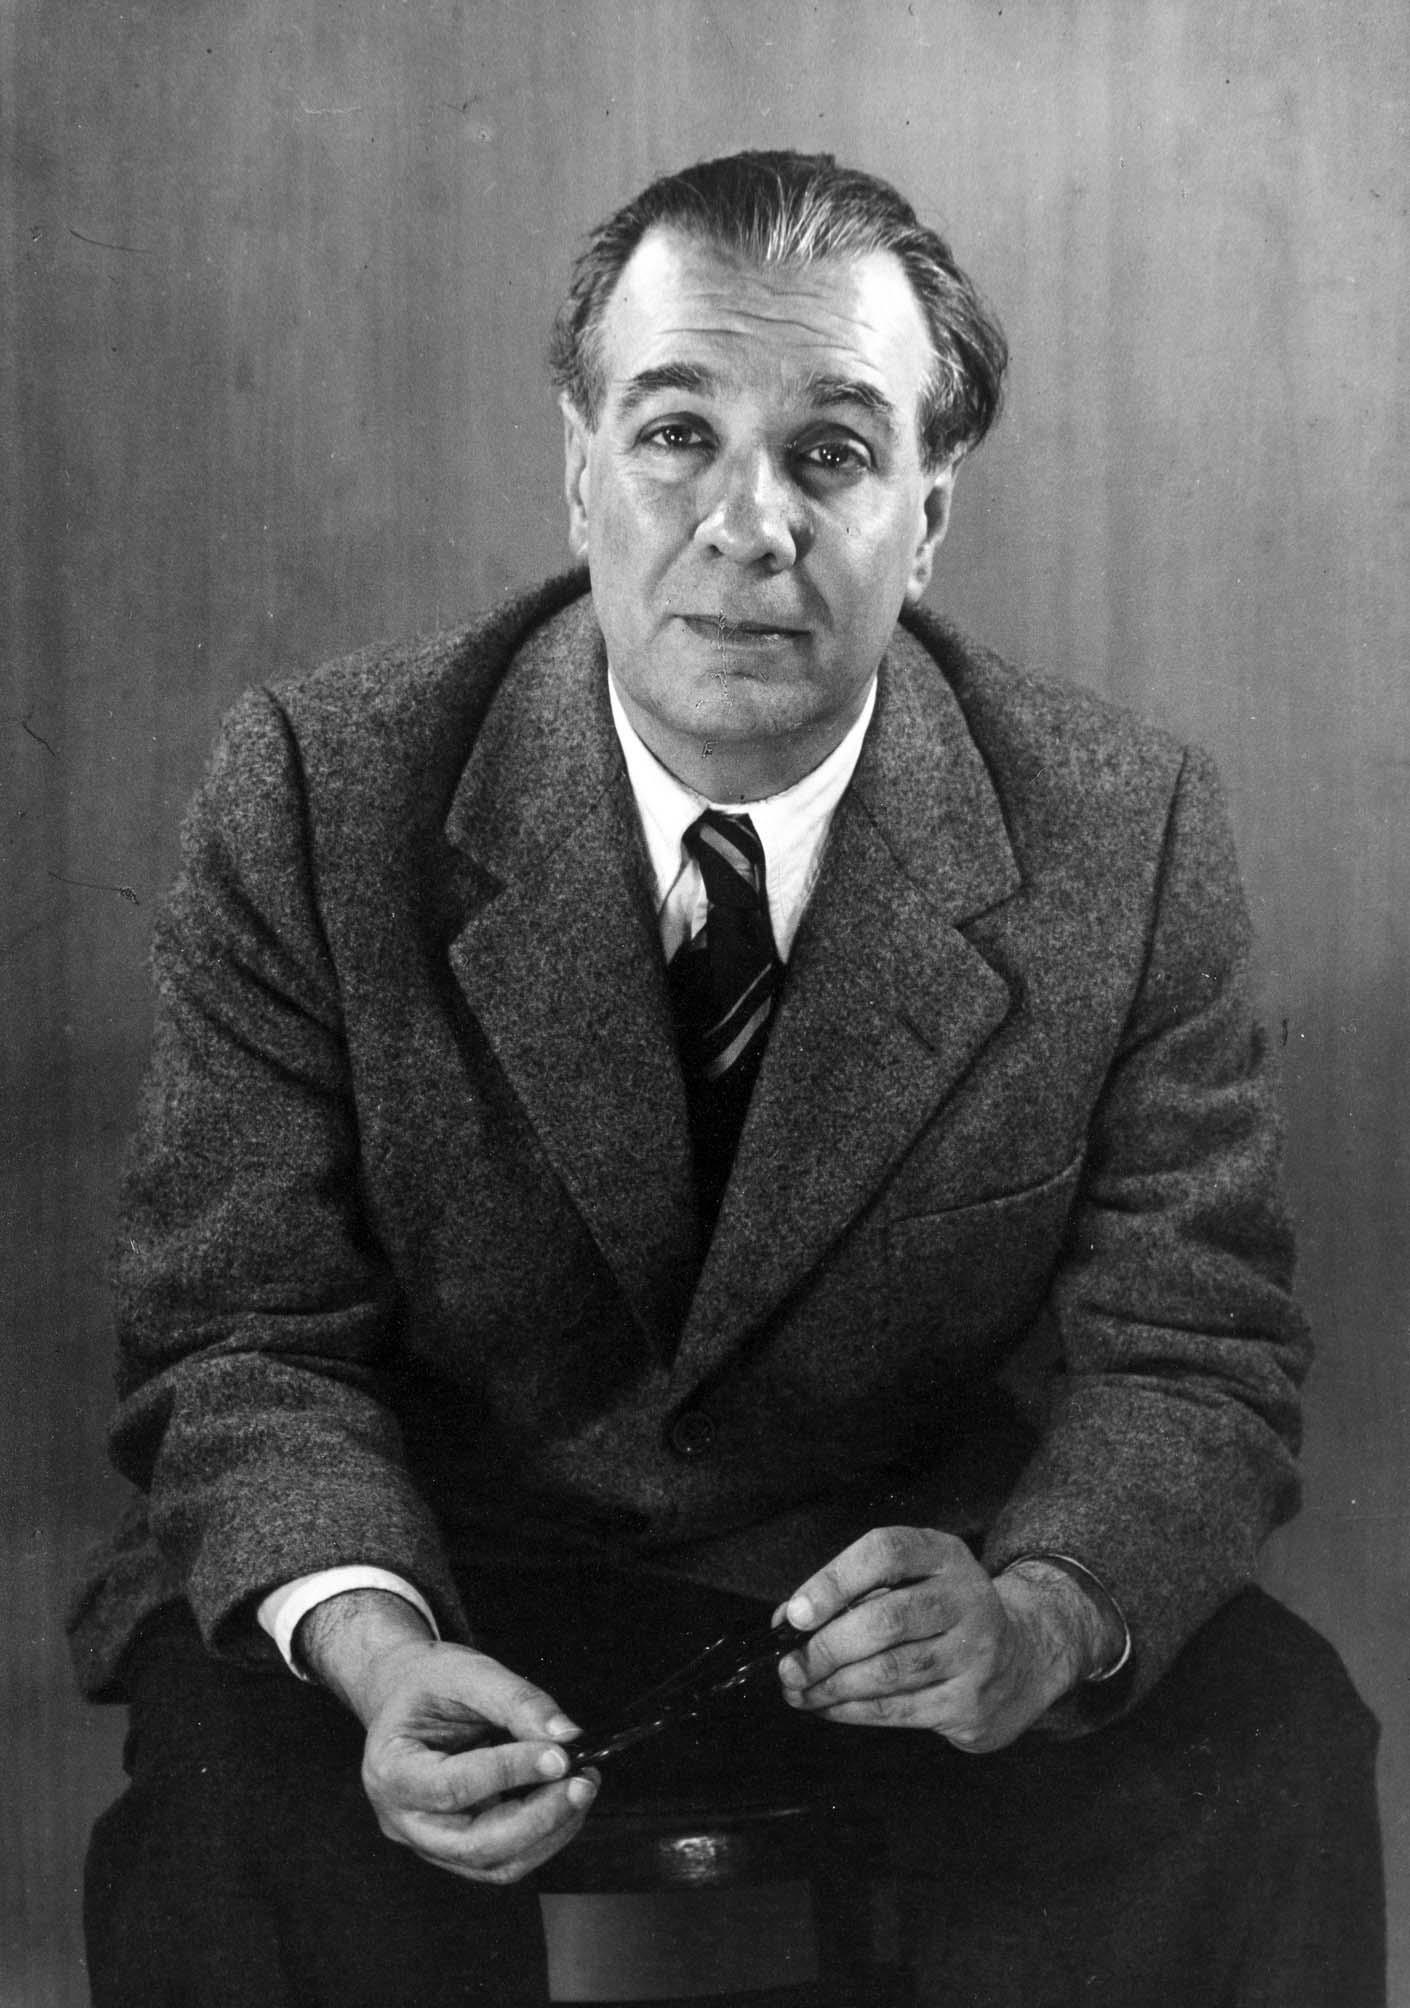 Archivo:Jorge Luis Borges 1951, by Grete Stern.jpg